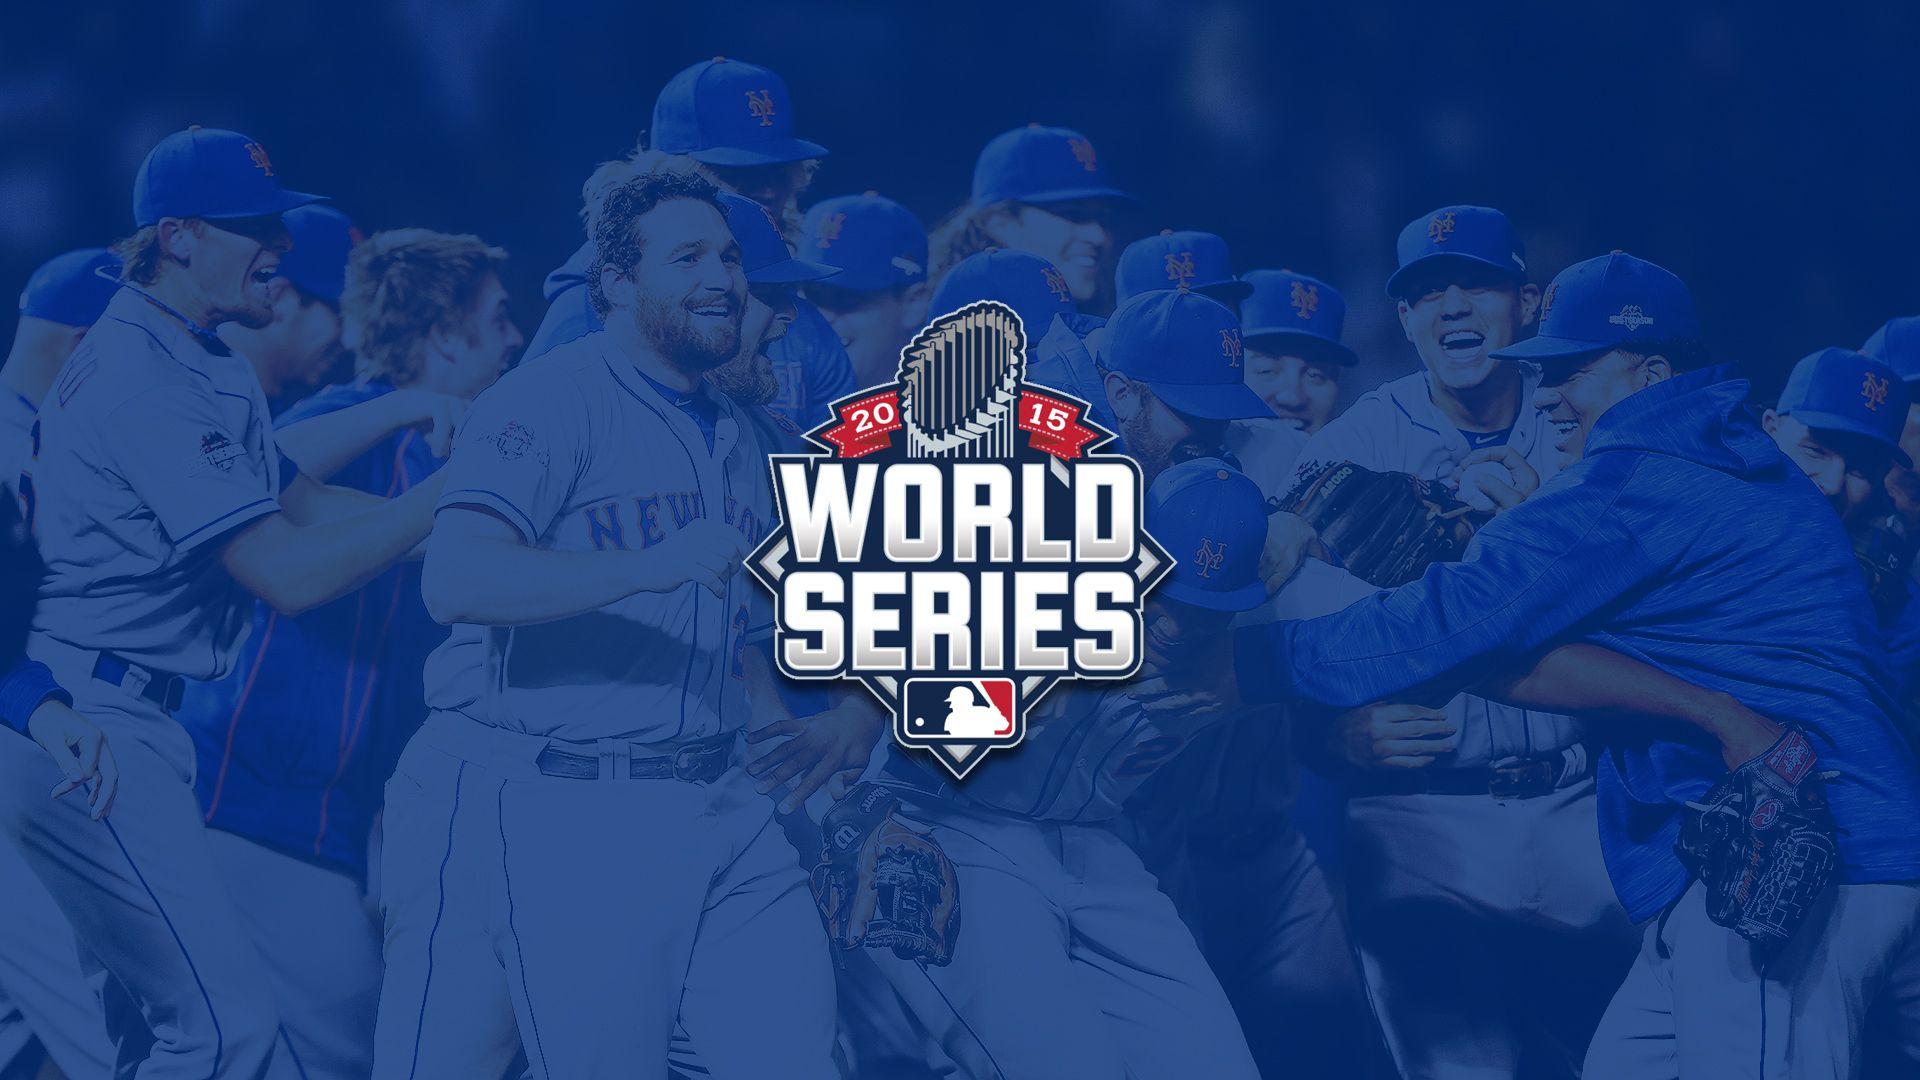 New York Mets Wallpaper 1400—1050 New York Mets Desktop Wallpapers